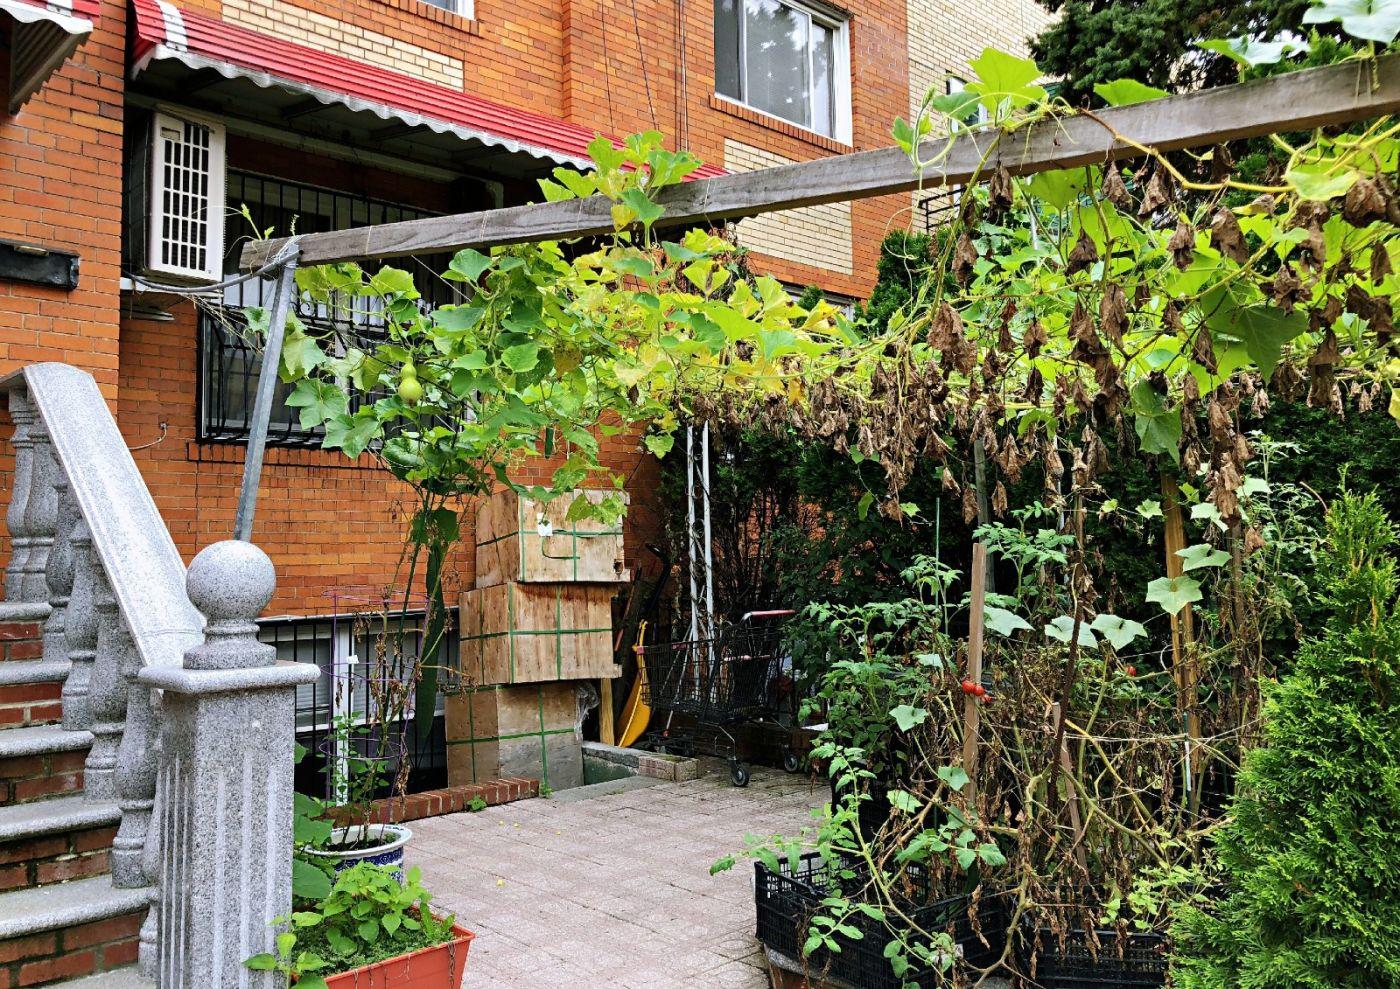 【田螺随拍】路边窗前的小菜园子_图1-25